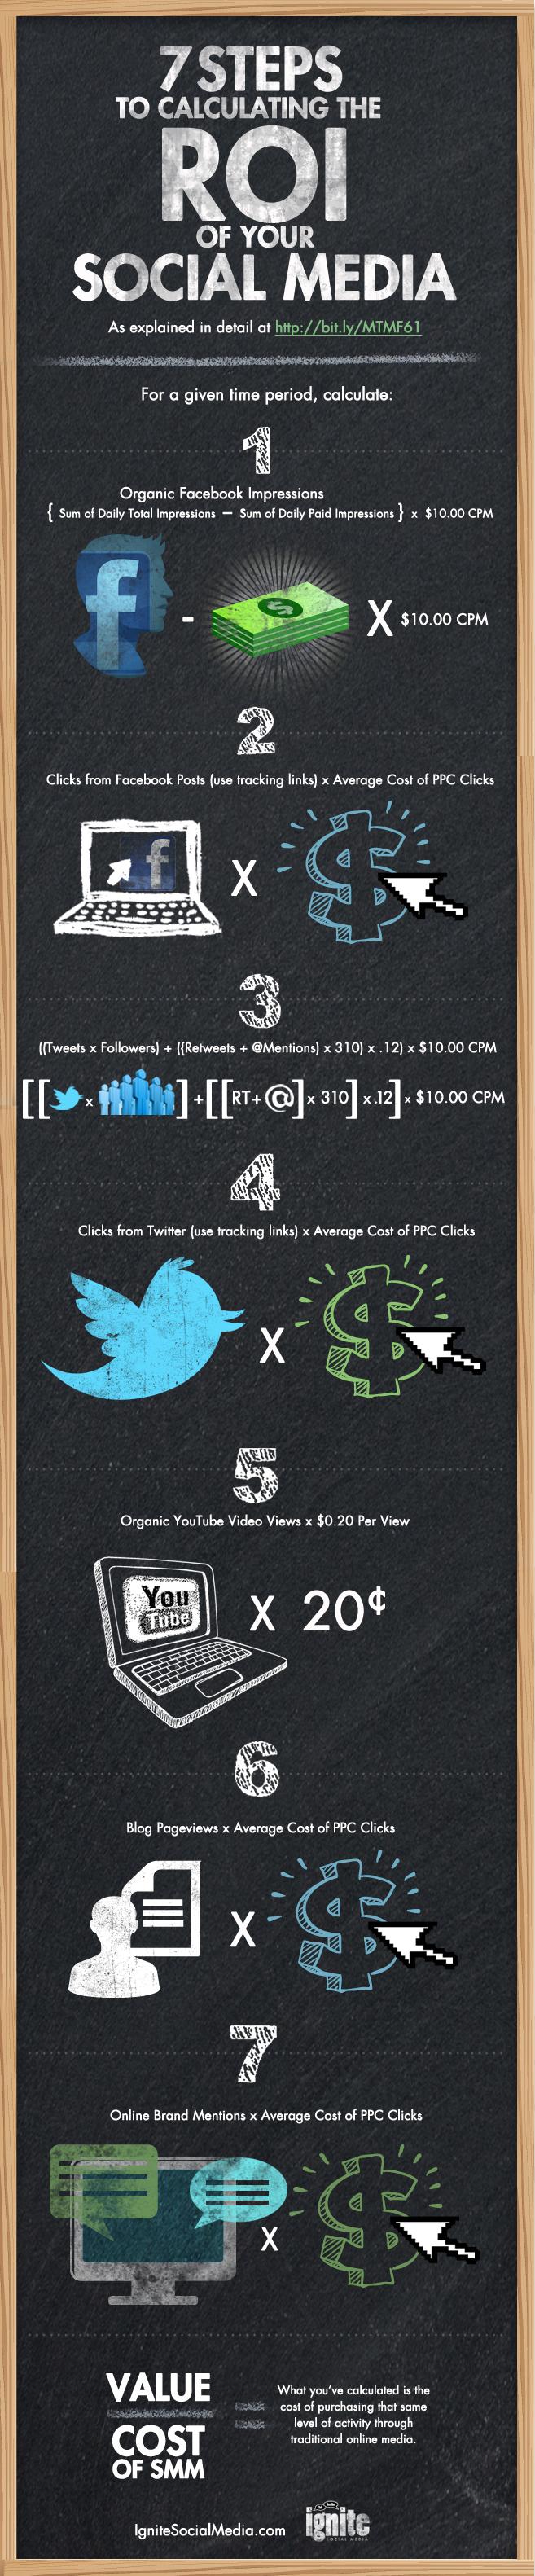 7 pasos para calcular el ROI del Social Media #infografia #infographic #socialmedia